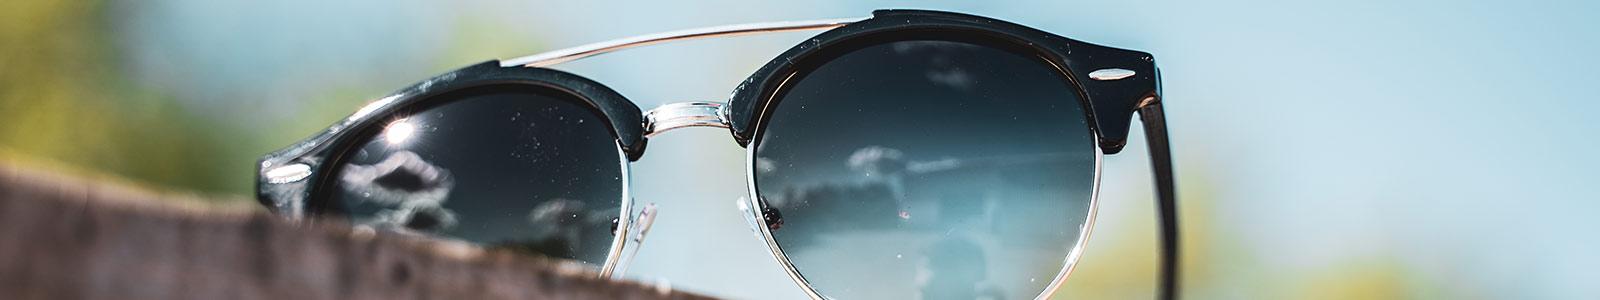 Solbriller til hende